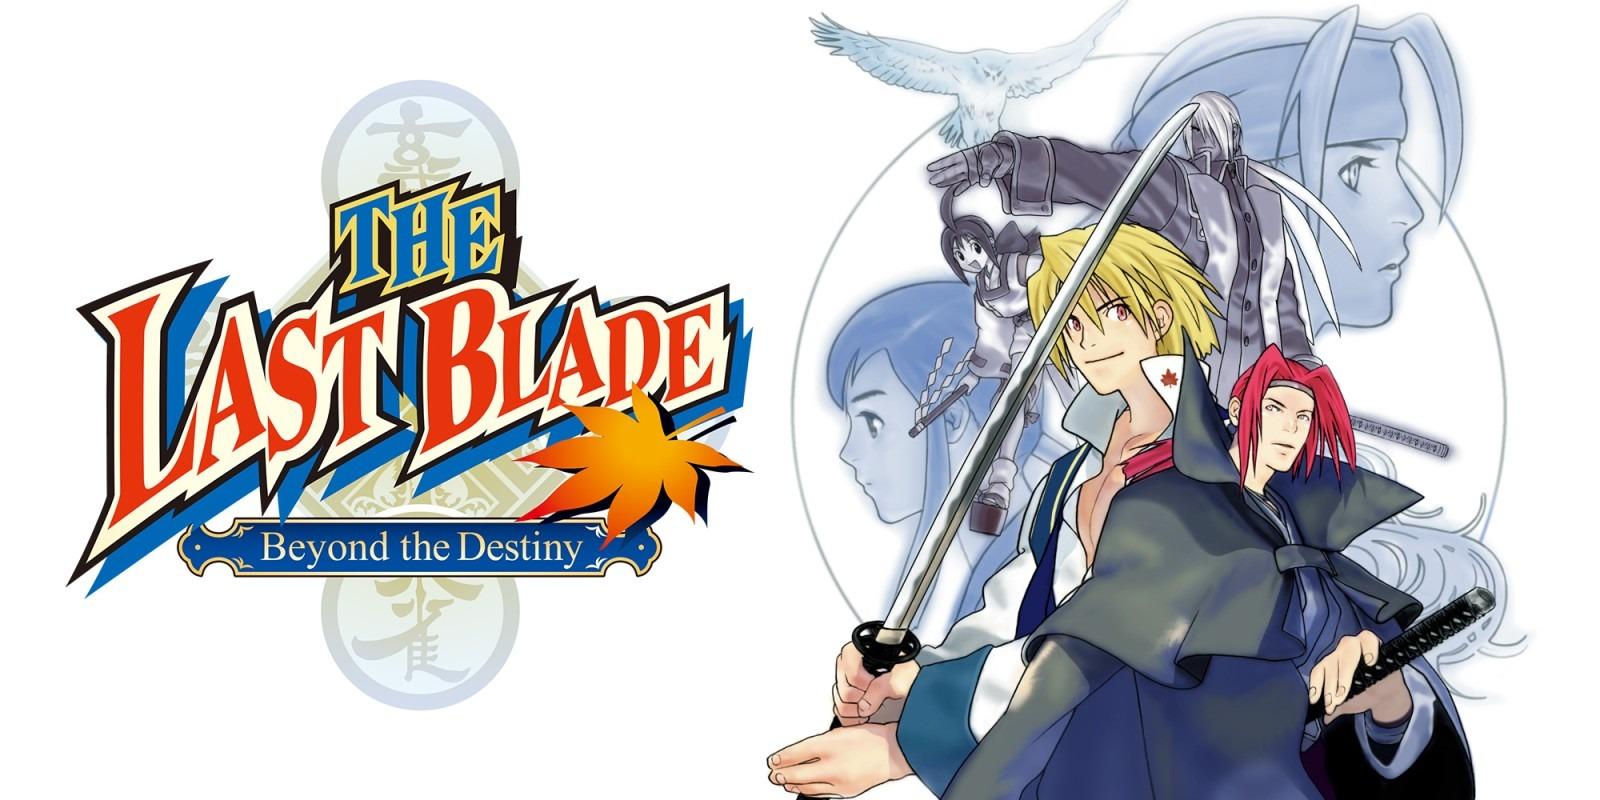 Le logo de The Last Blade: Beyond the Destiny avec les combattants du jeu sur la droite